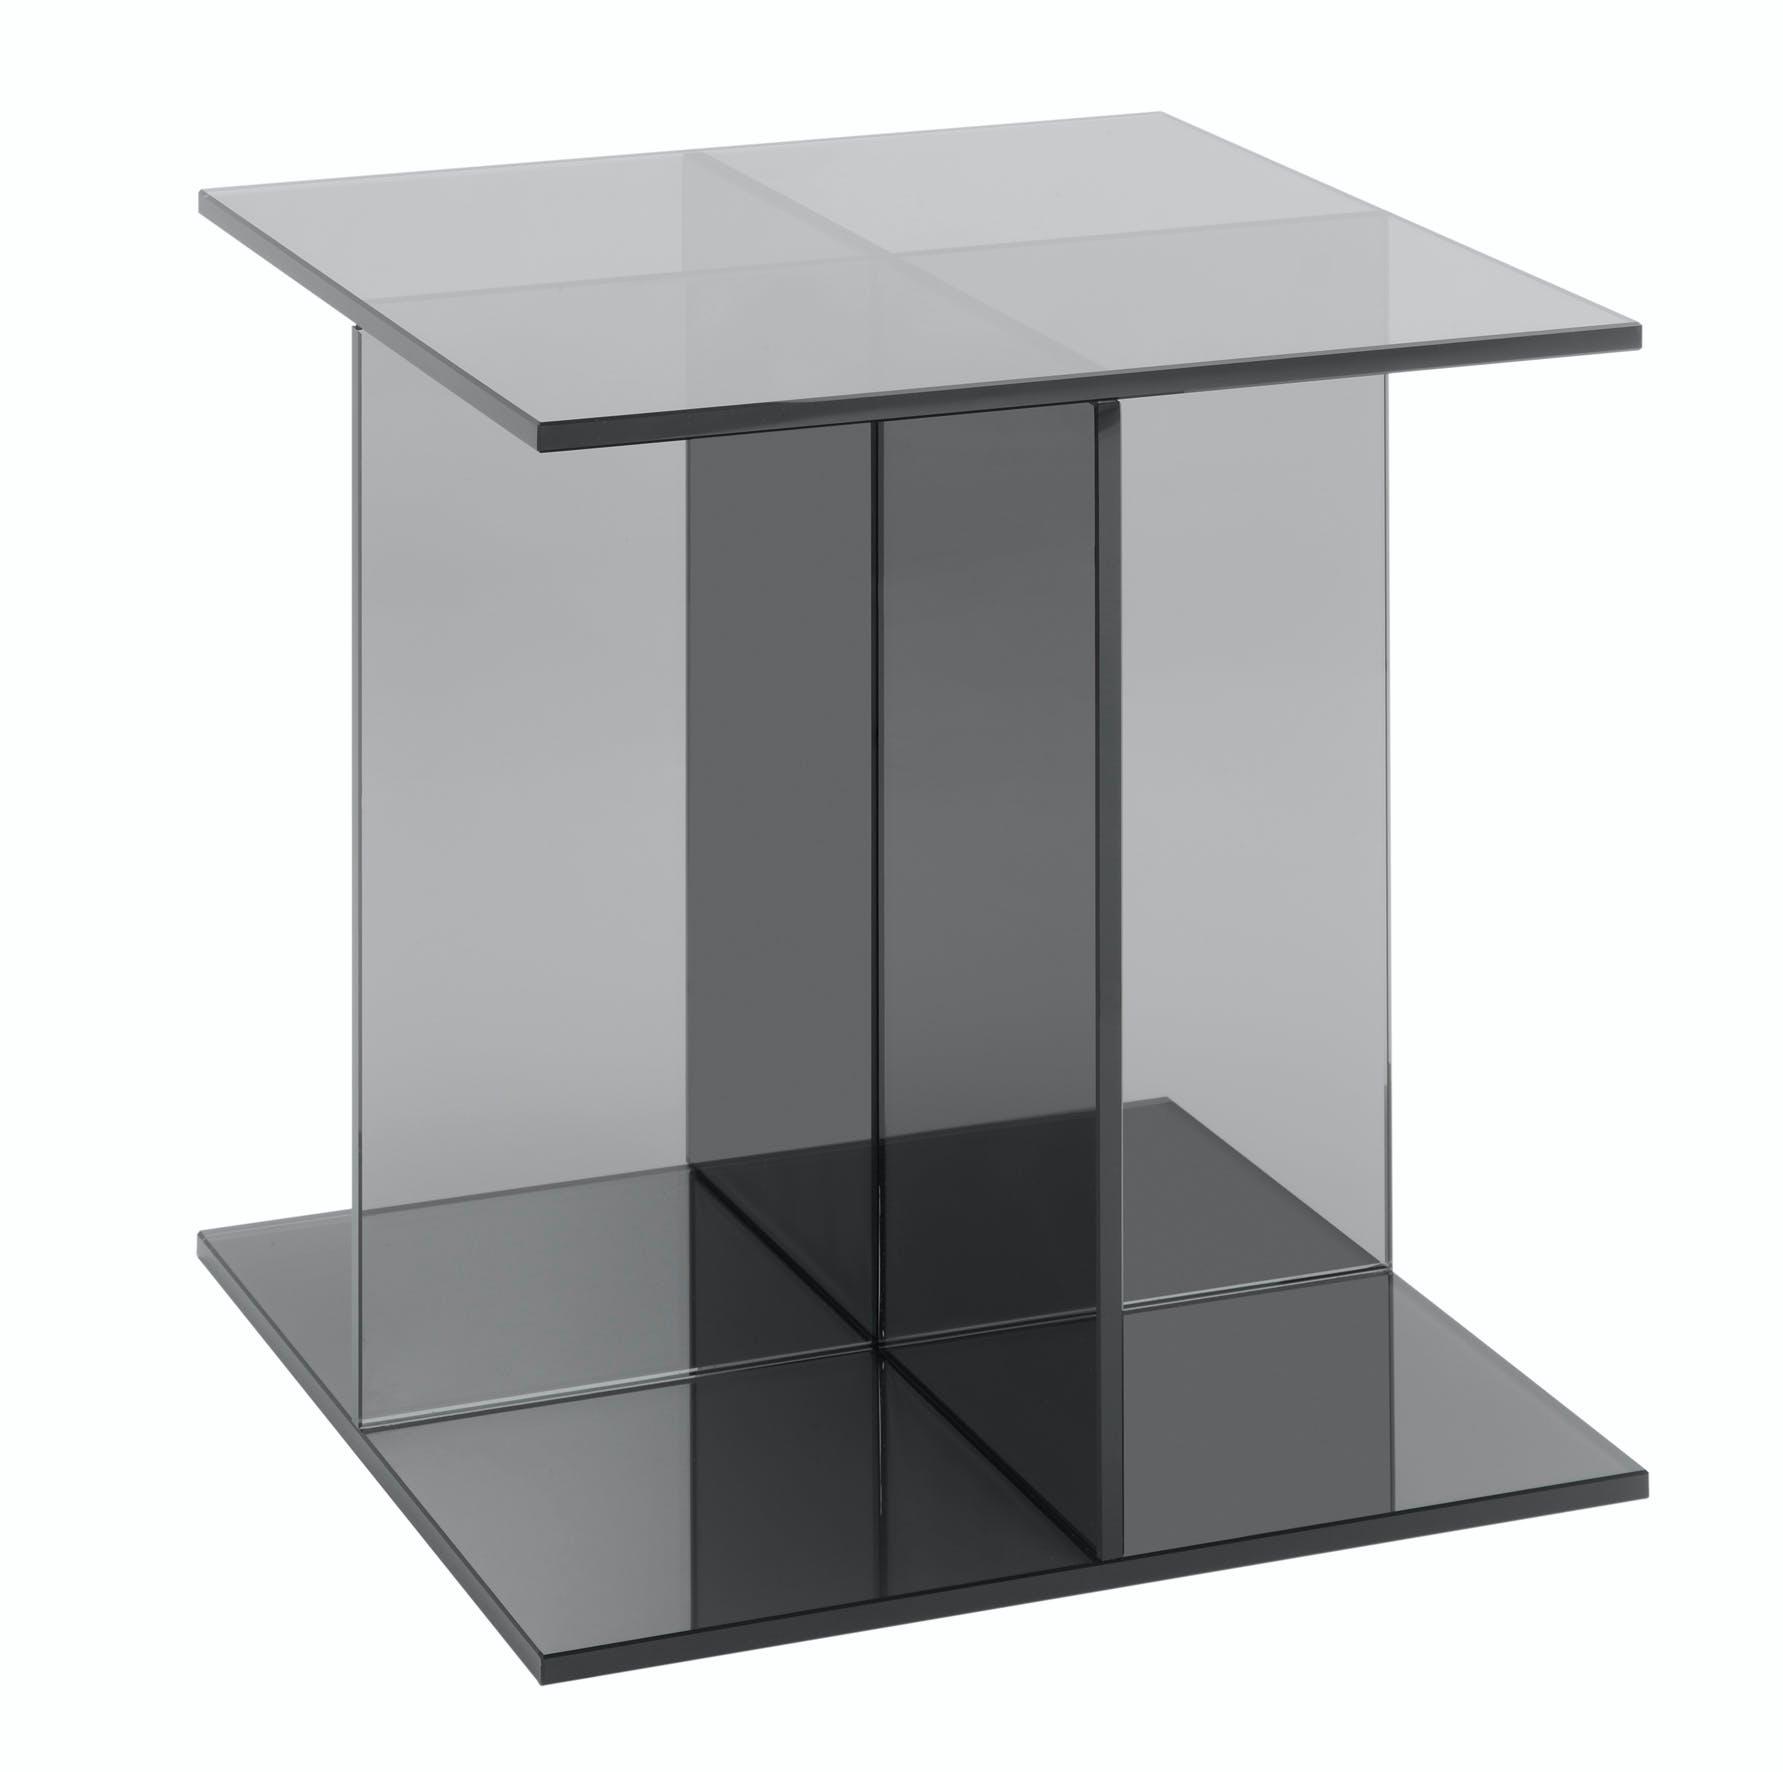 E15-furniture-vier-side-table-black-solo-haute-living